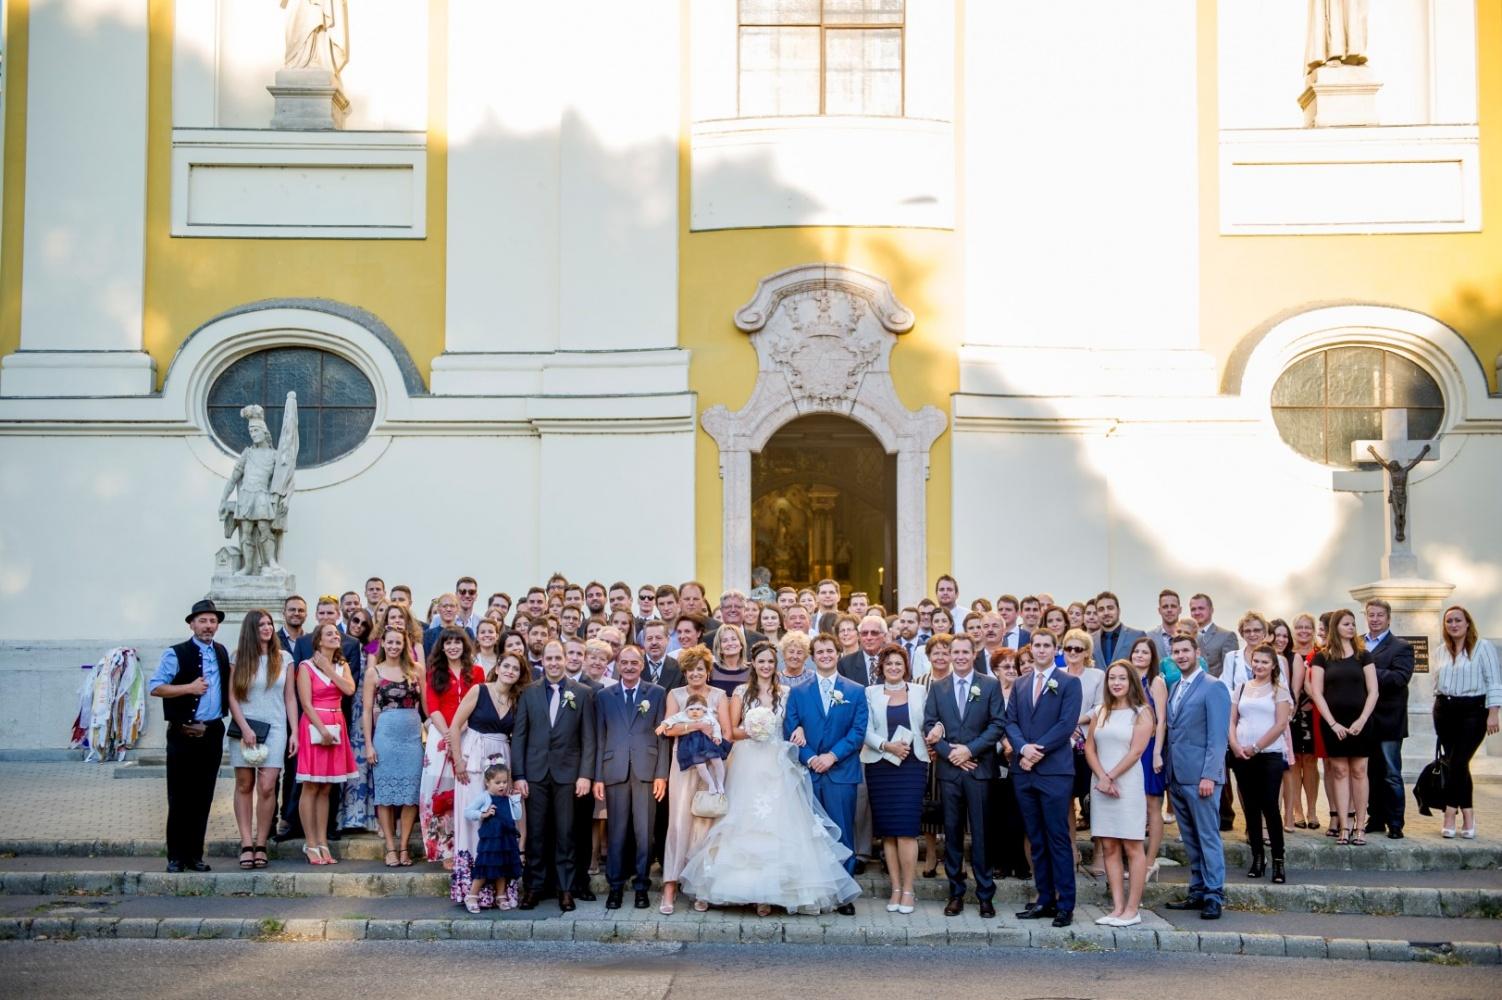 http://www.fotoz.sk/images/gallery-31/normal/eskuvo_dunaharaszti-rendezvenyhaz_354.jpg